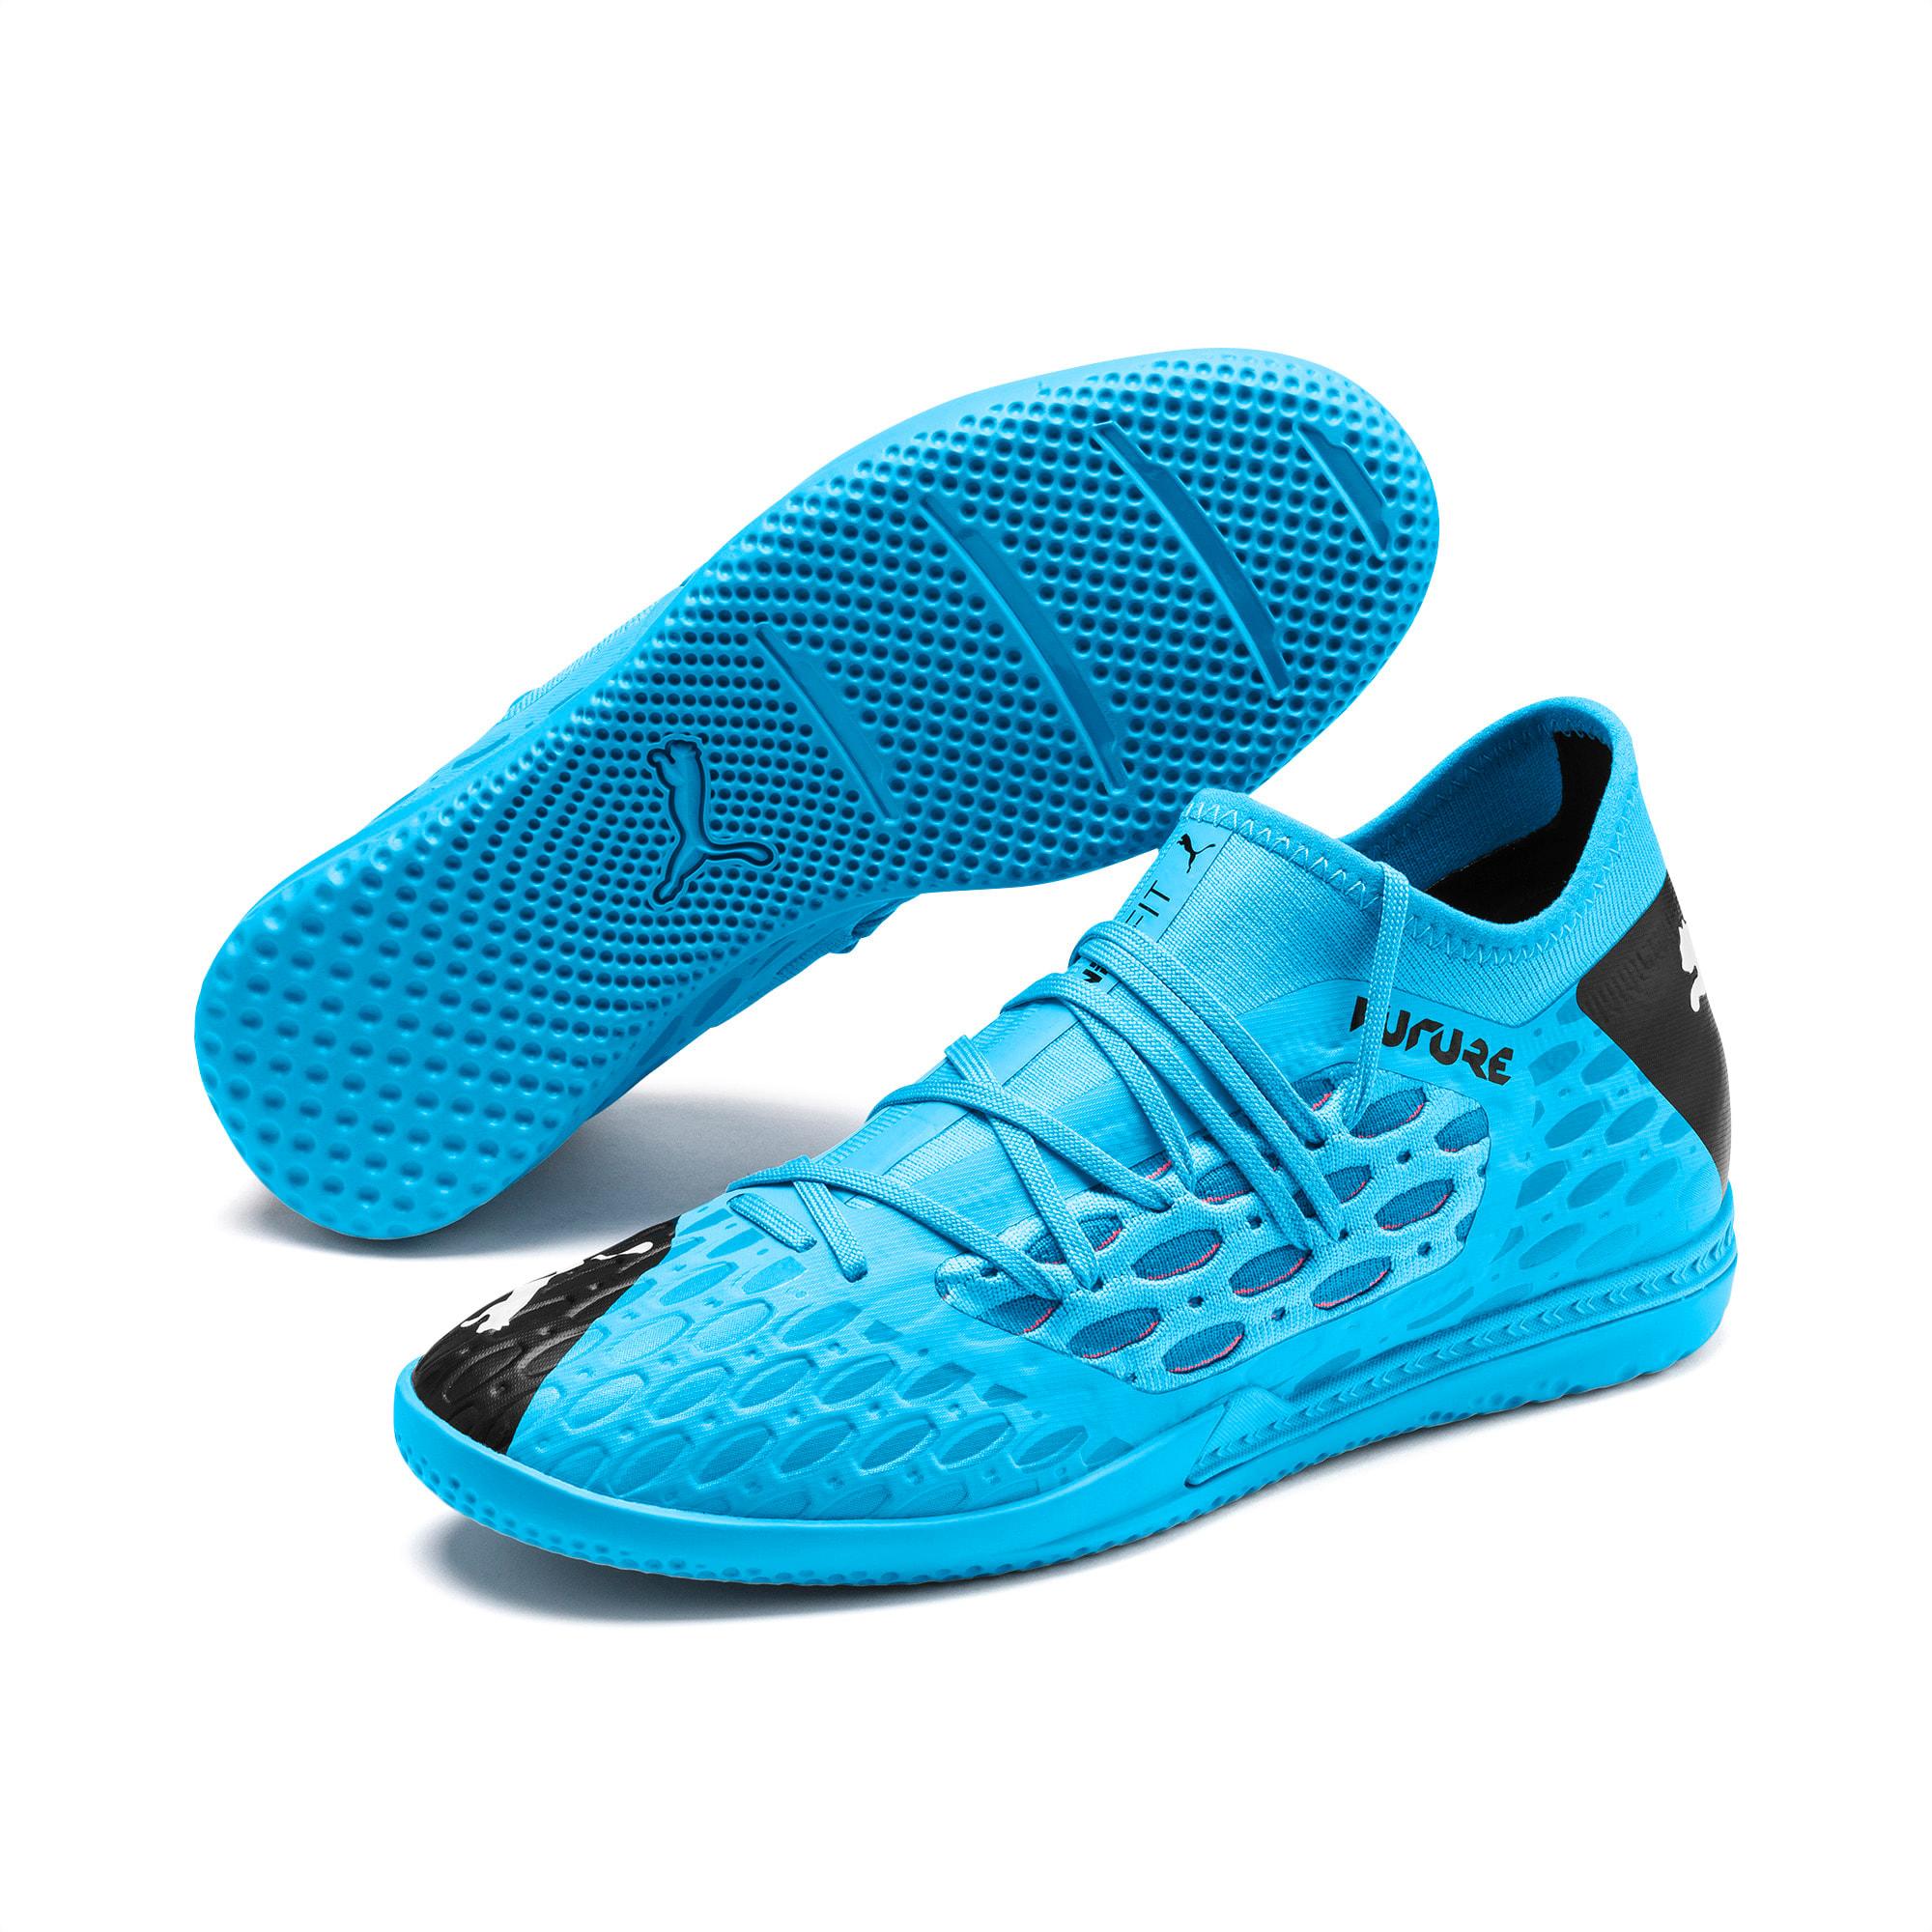 FUTURE 5.3 NETFIT IT Fodboldstøvler til Herrer